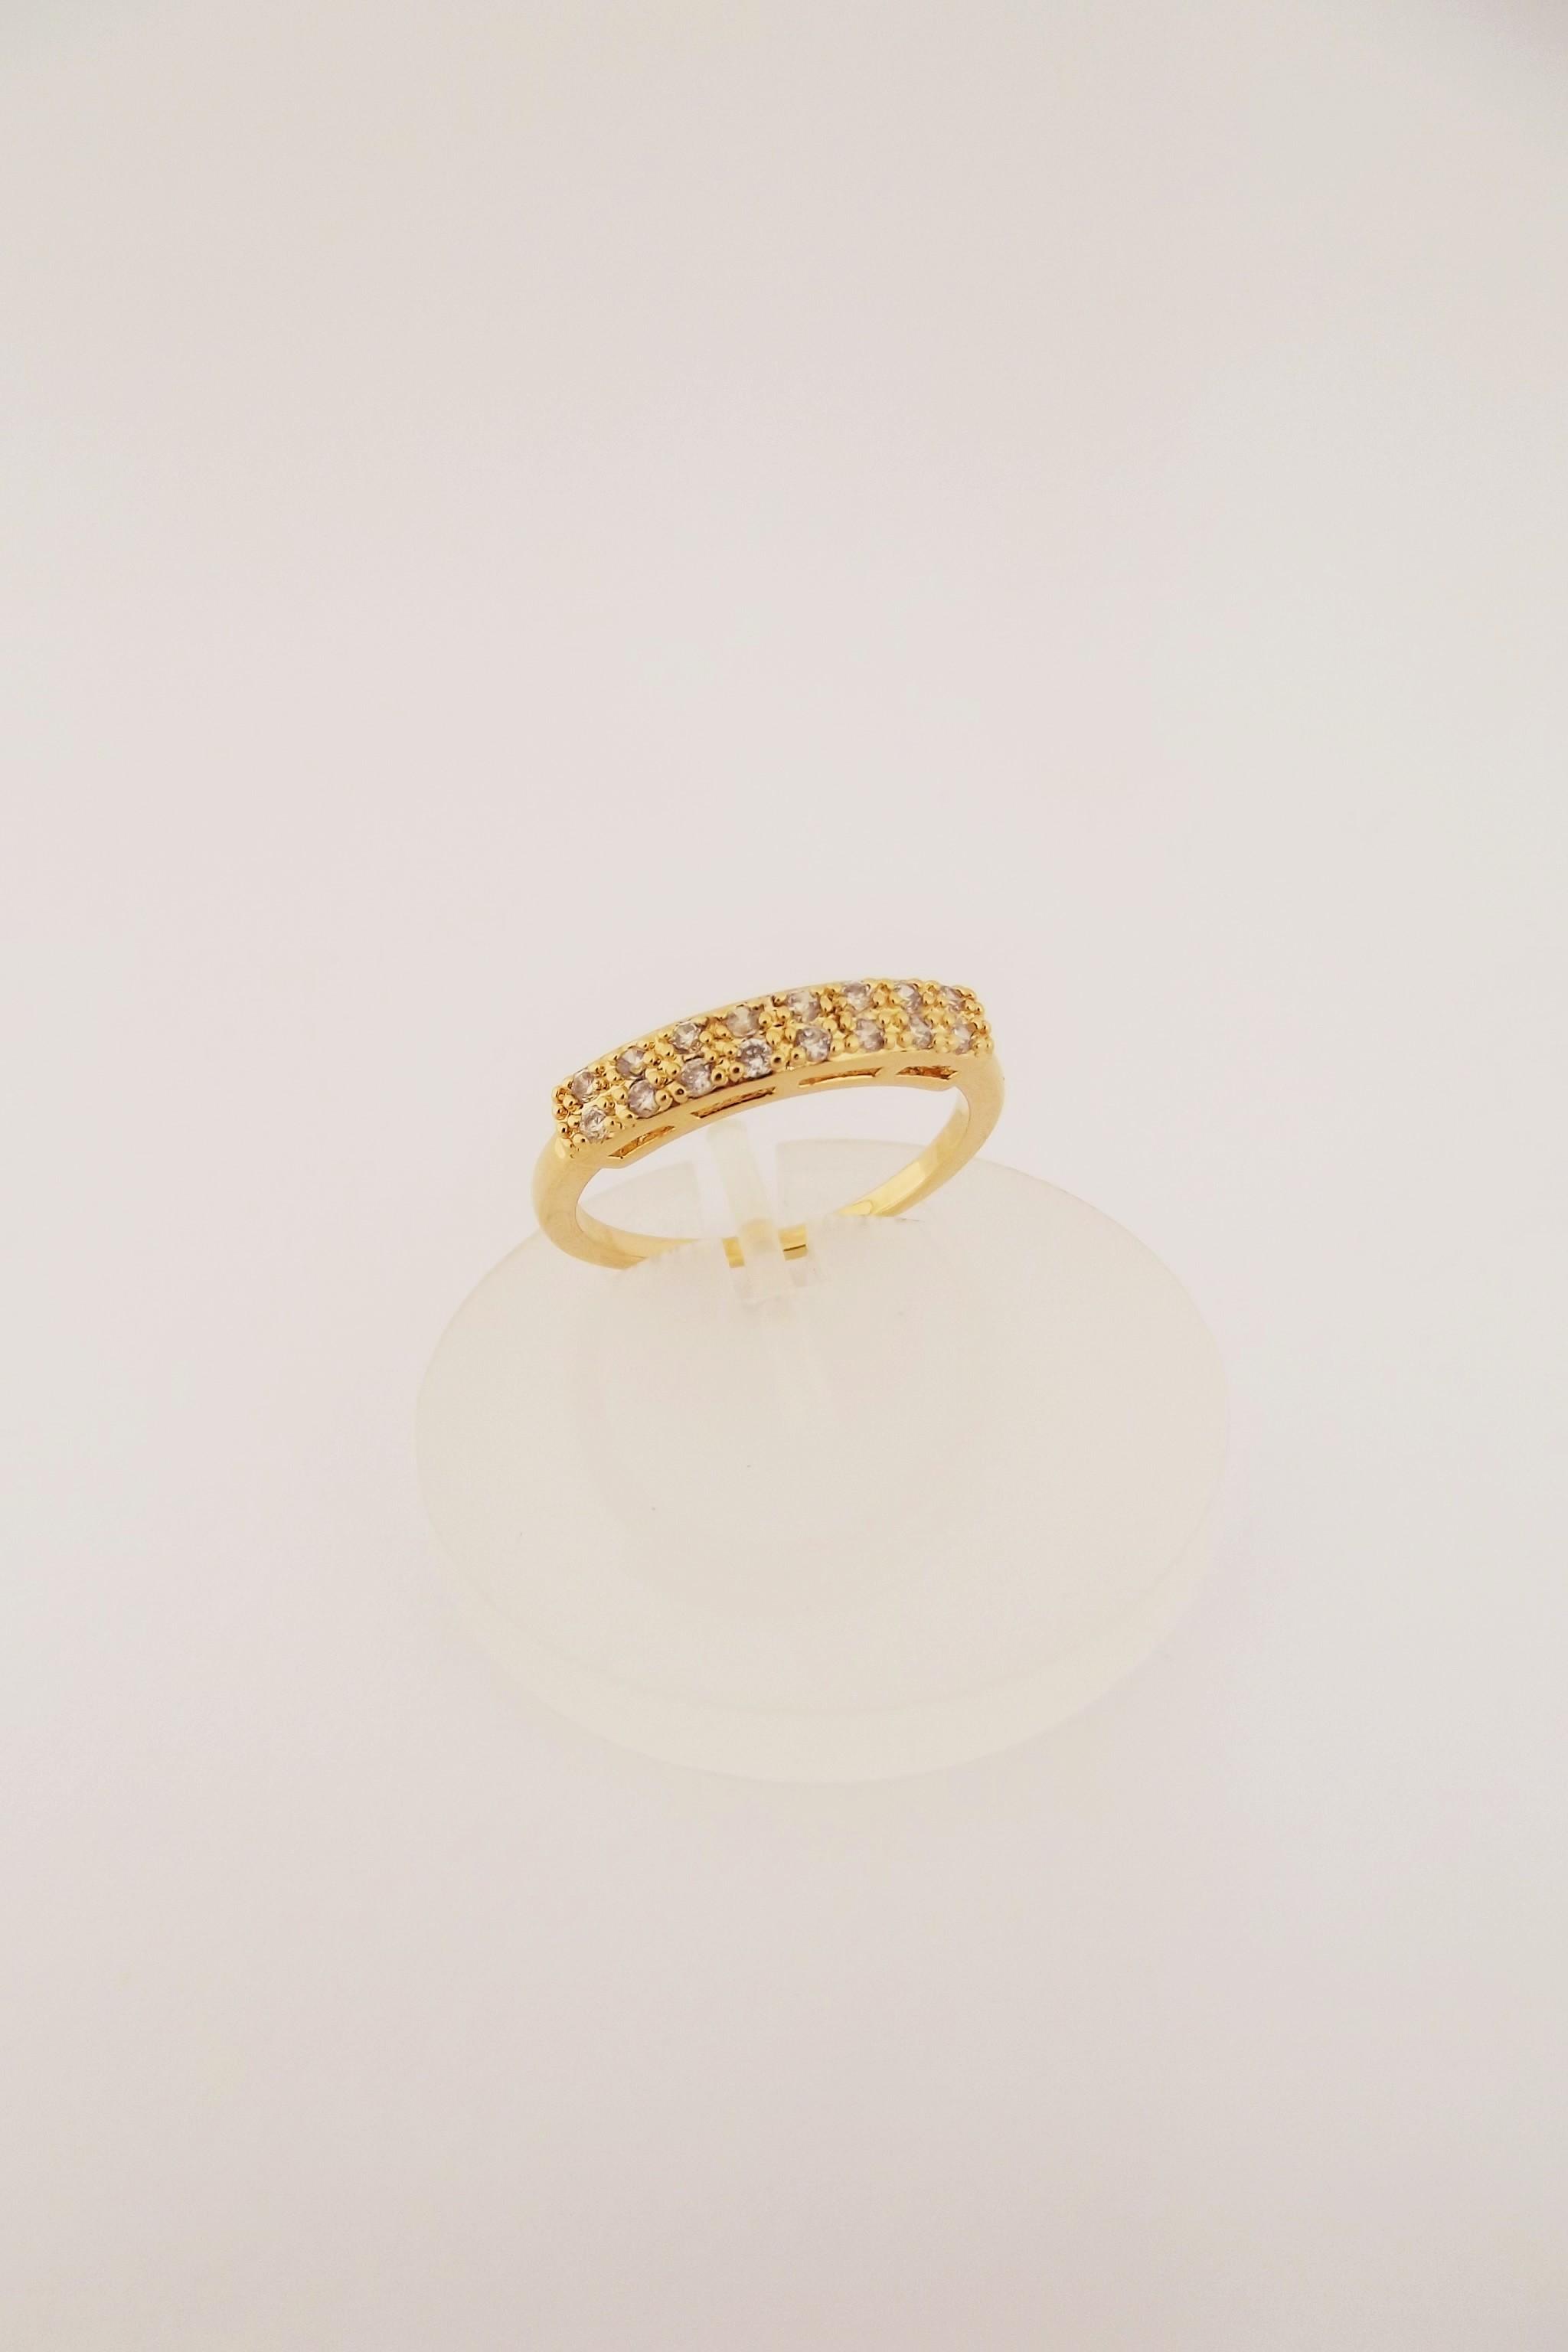 dcdd365ac1042 Meia Aliança de Ouro com Pedras Preciosas   Elo7